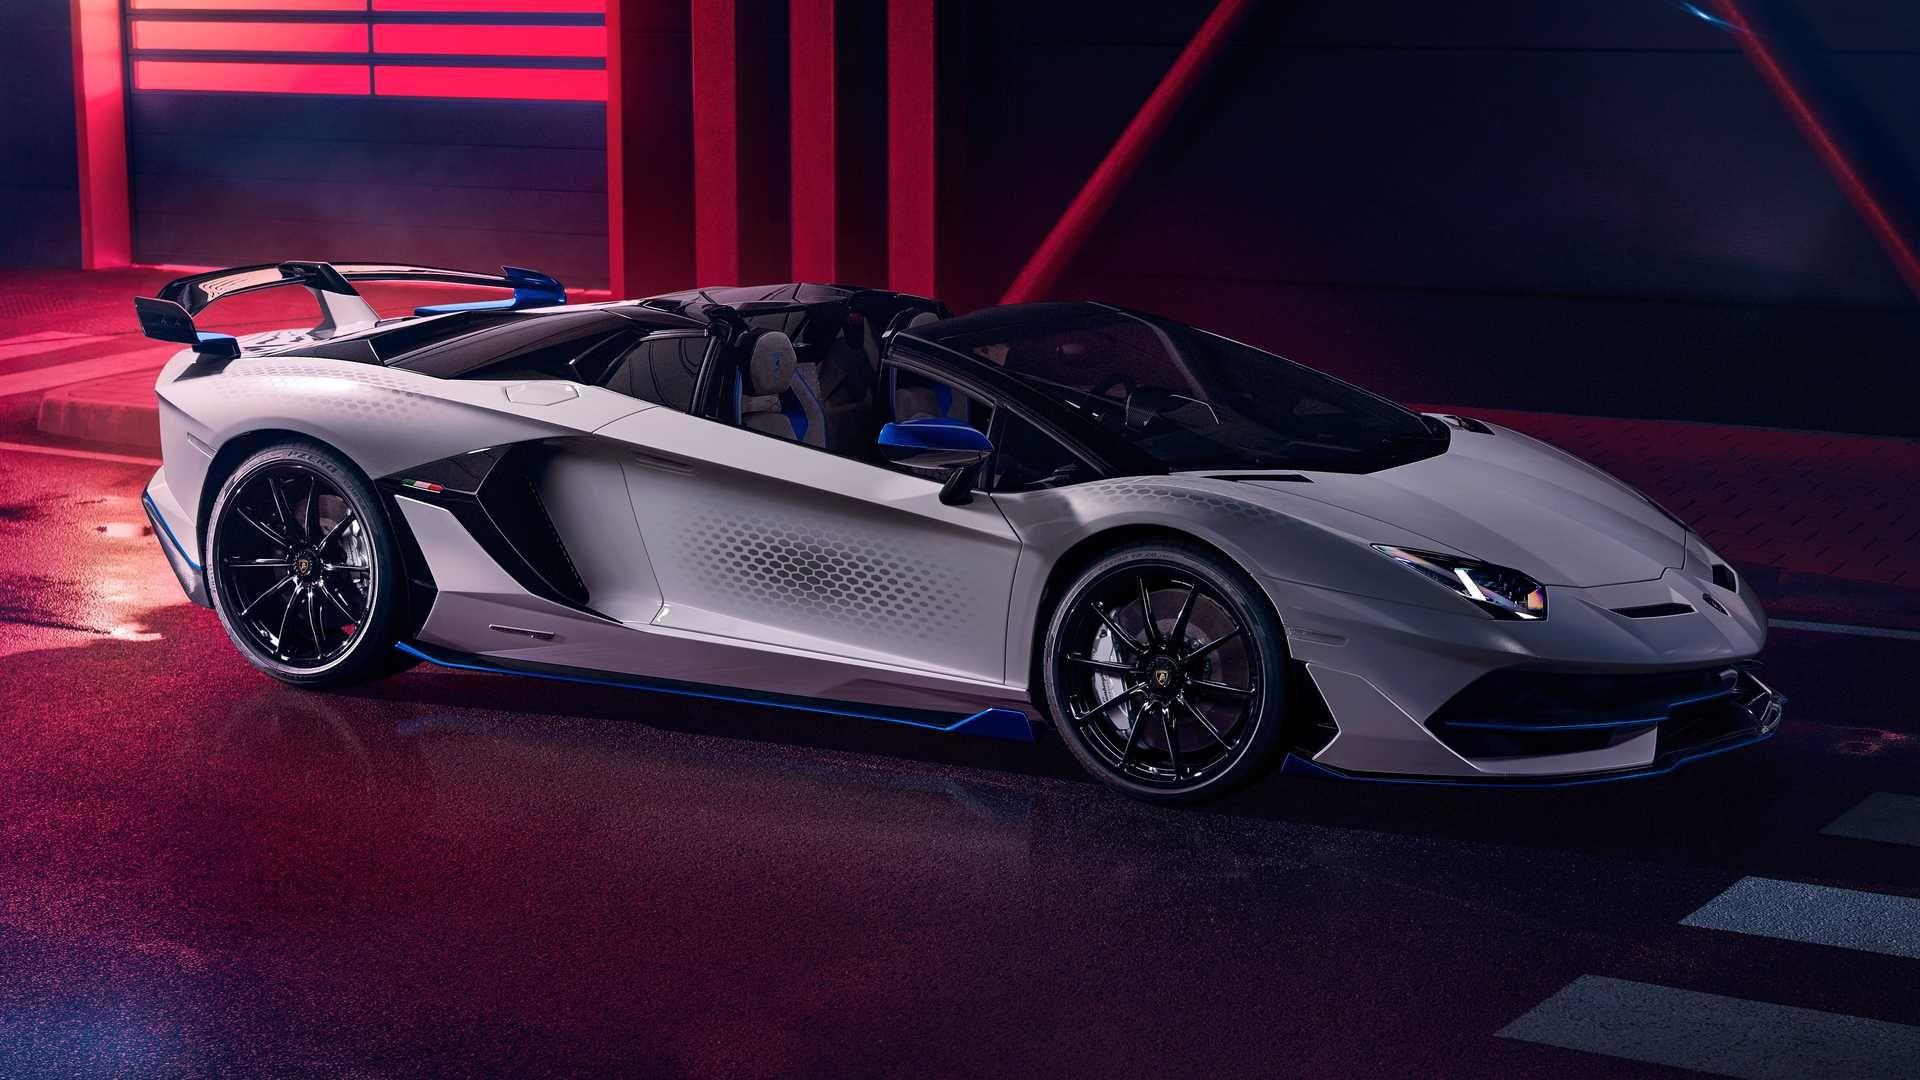 El Lamborghini Aventador Svj Xago Que Solo 10 Personas Podran Comprar Auto Bild En 2020 Lamborghini Aventador Lamborghini Coches Deportivos De Lujo